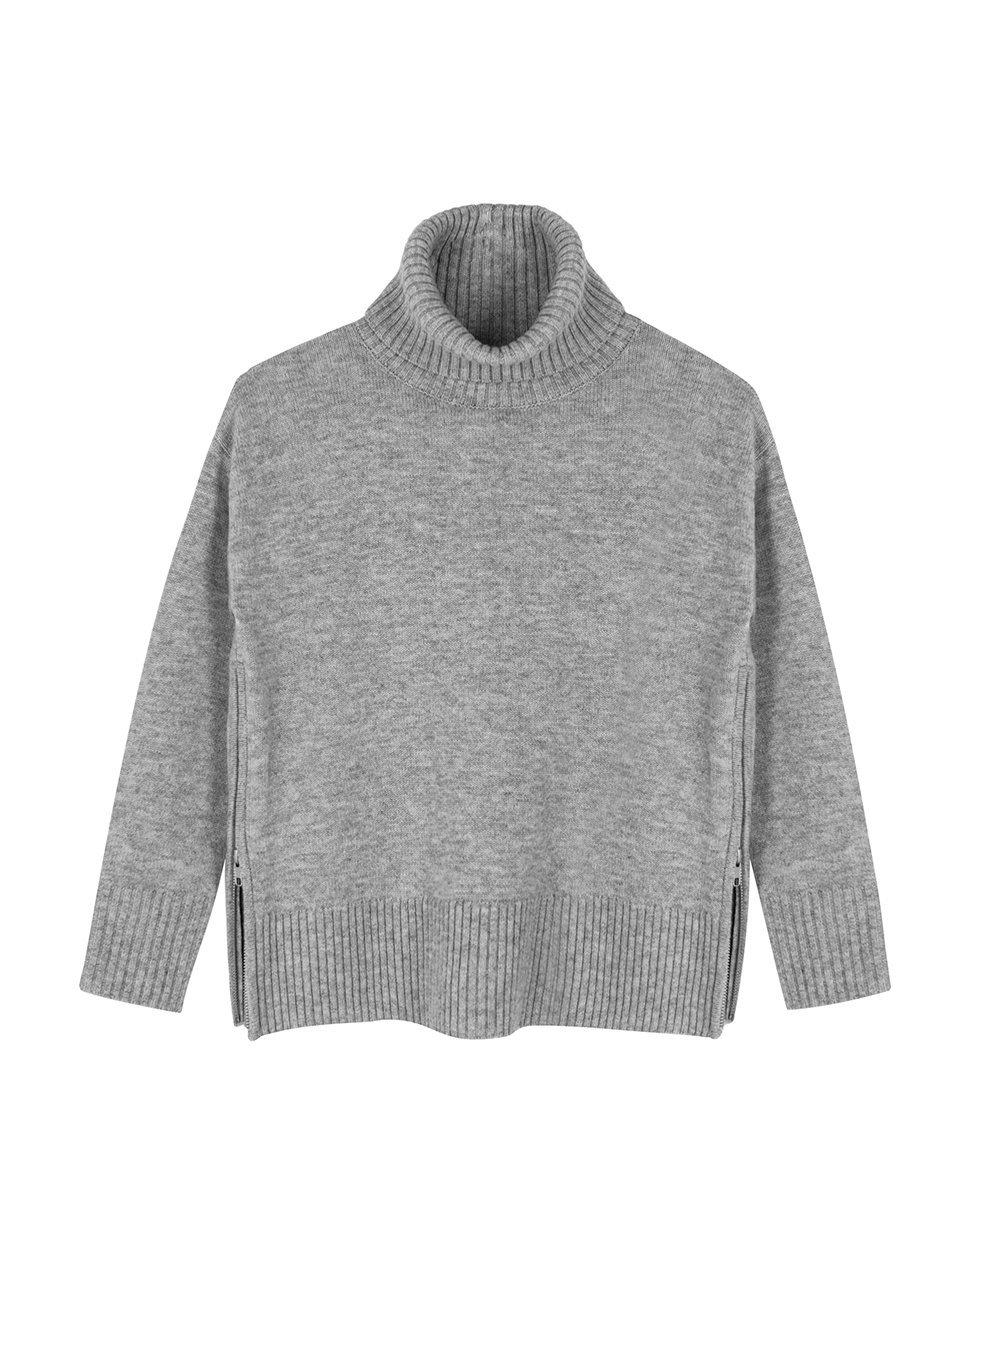 ILLE DE COCOS Ille De Cocos Side Zip Roll Neck Sweater - Silver Grey Marl